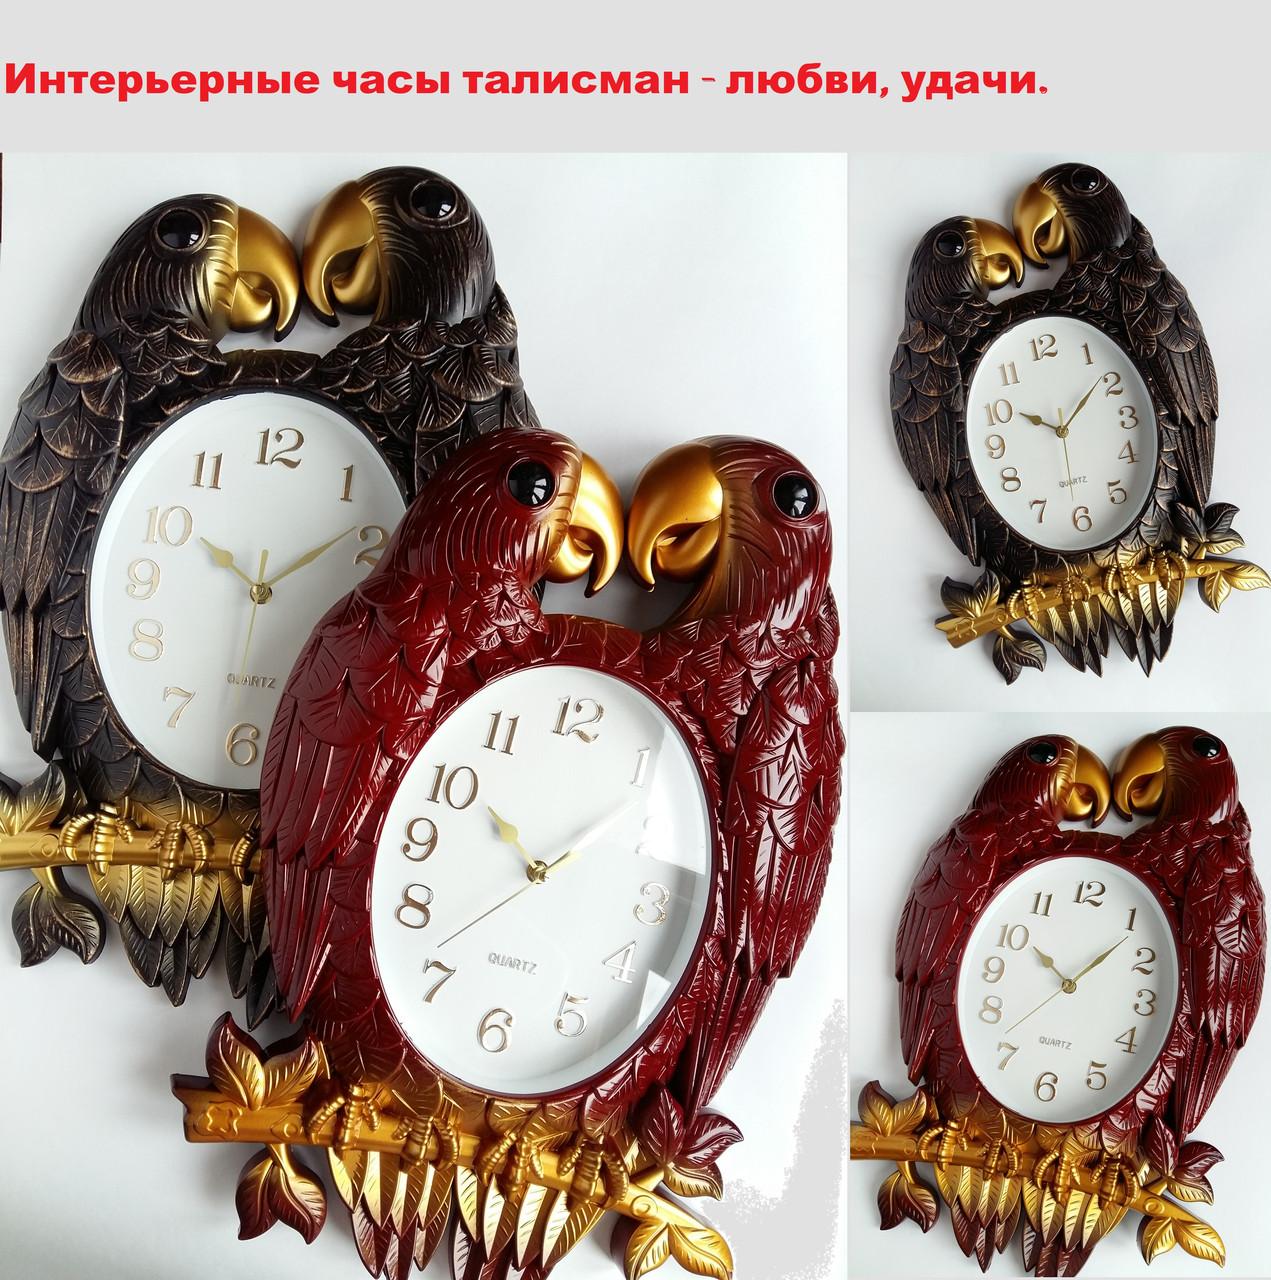 Винтажные настенные часы интерьерные Quartz, попугайчики - талисман - любви, удачи.